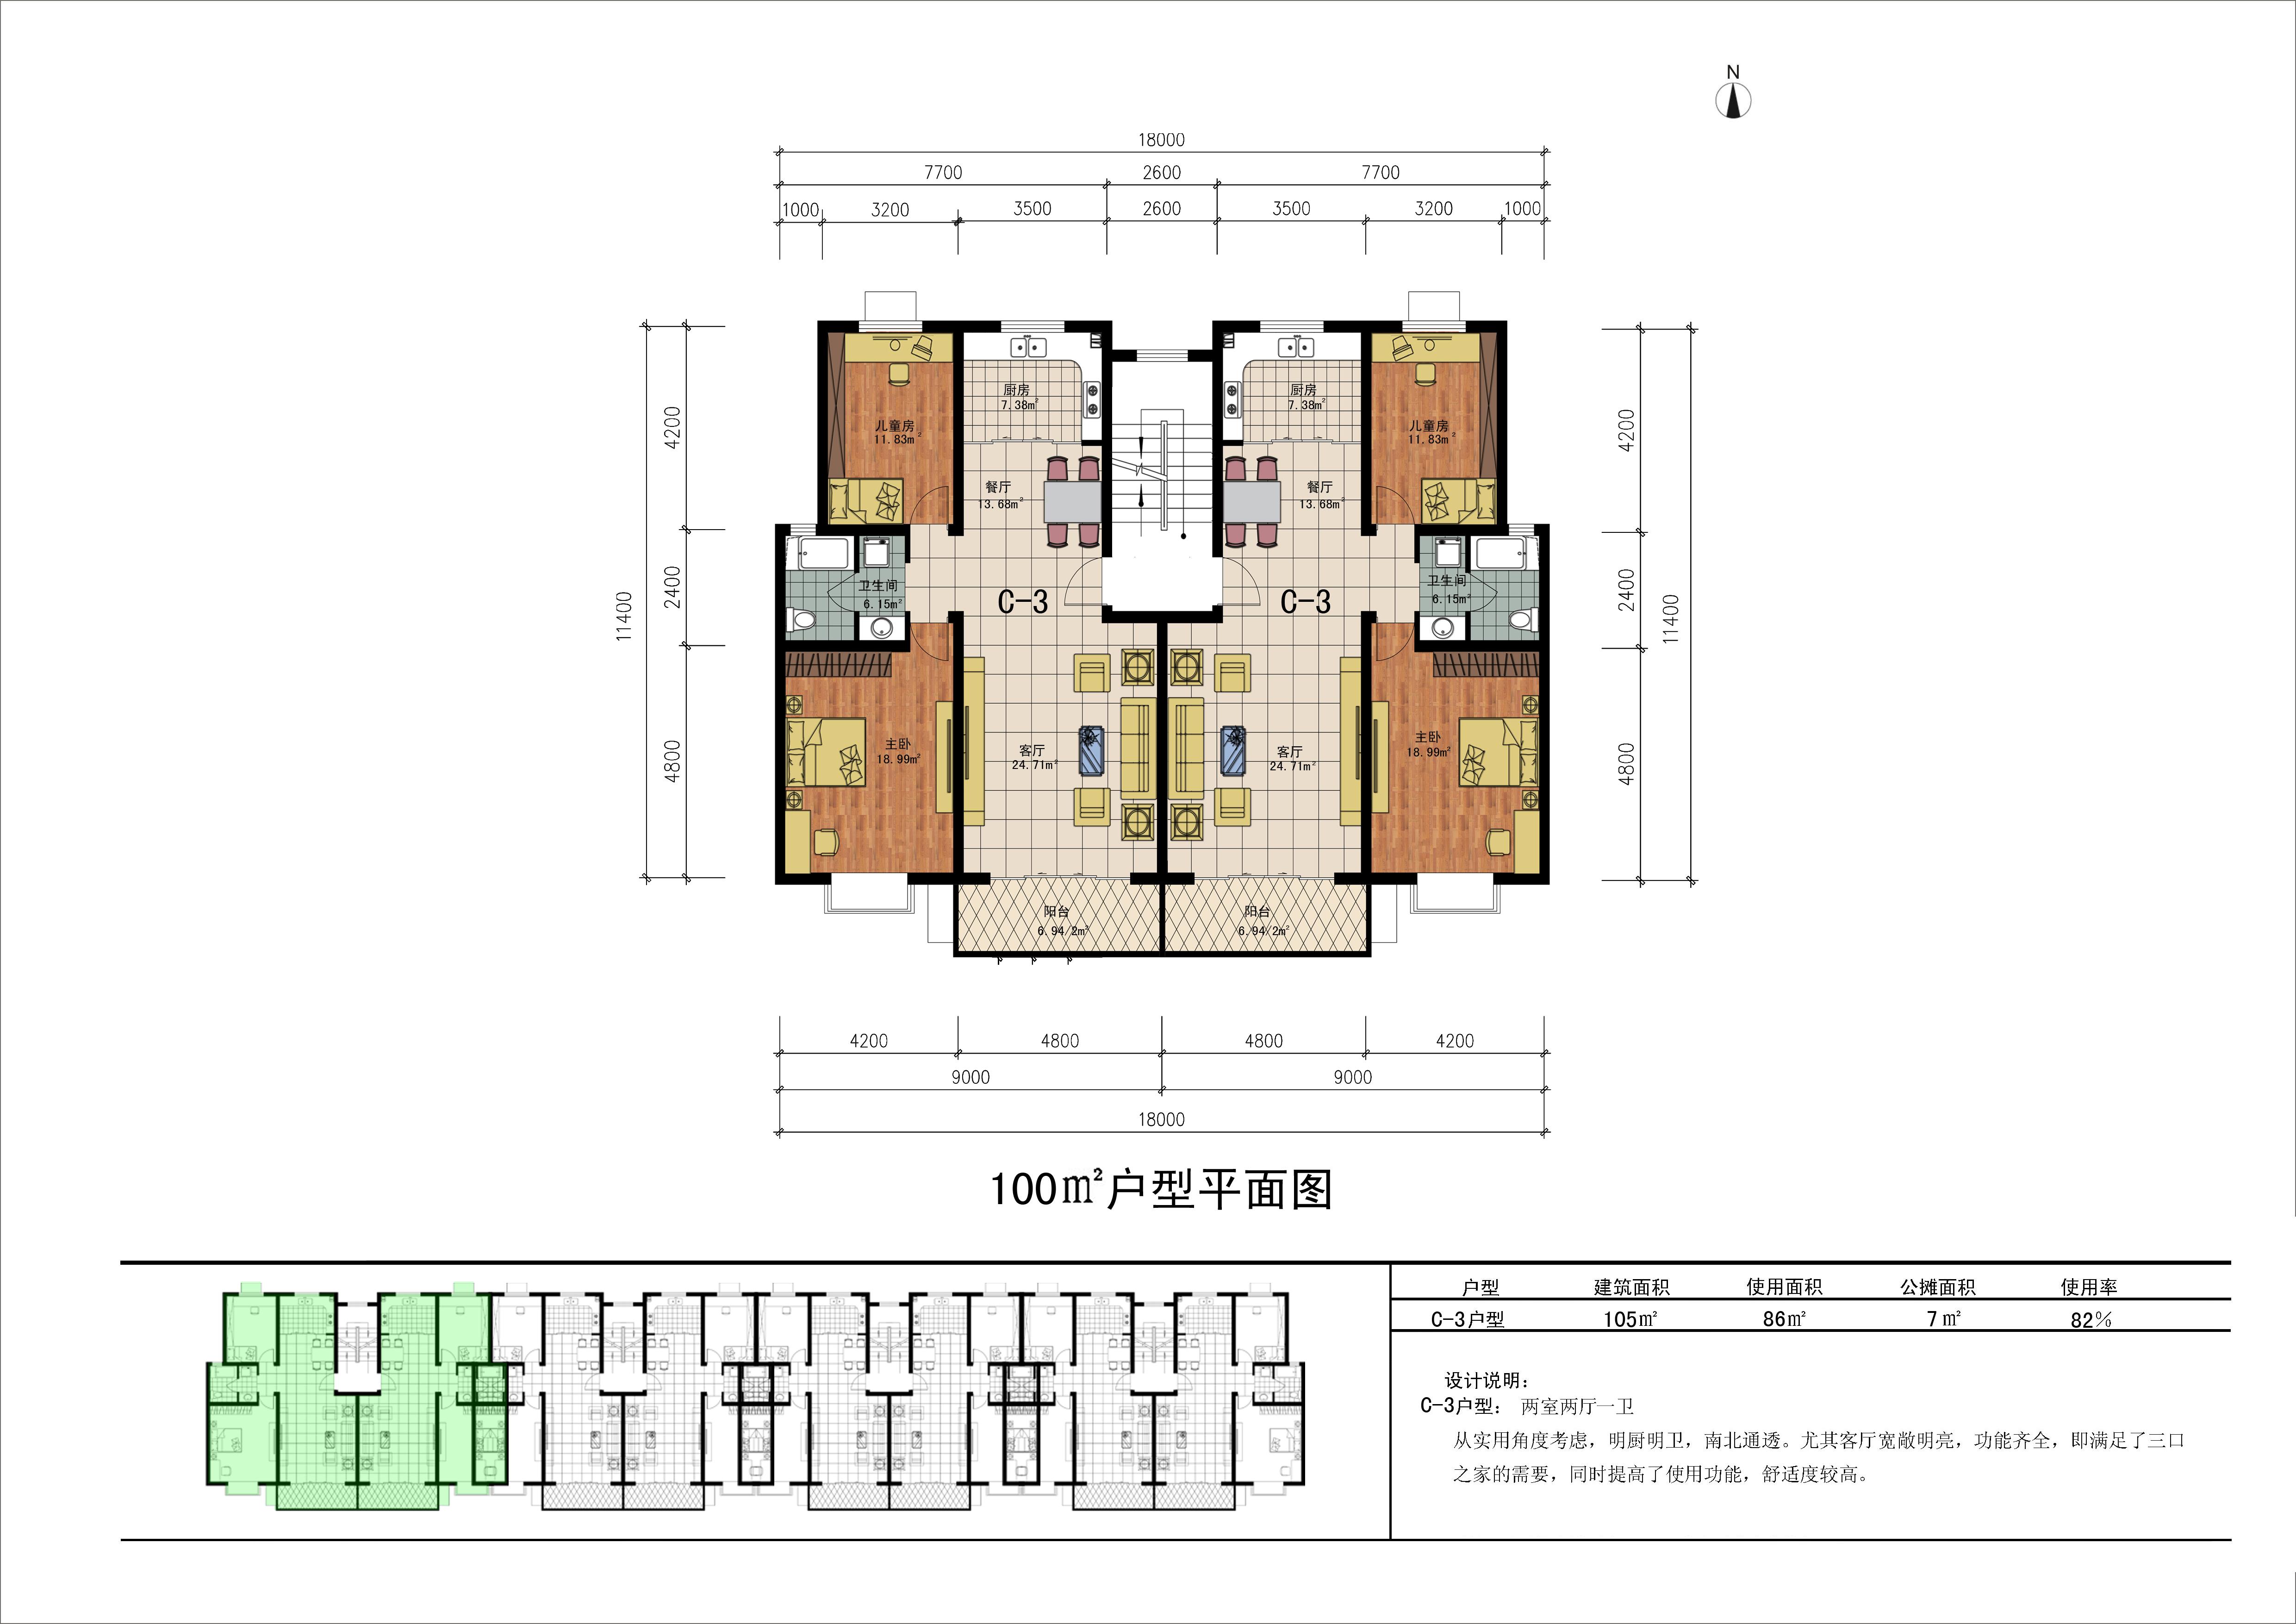 板式住宅户型平面图